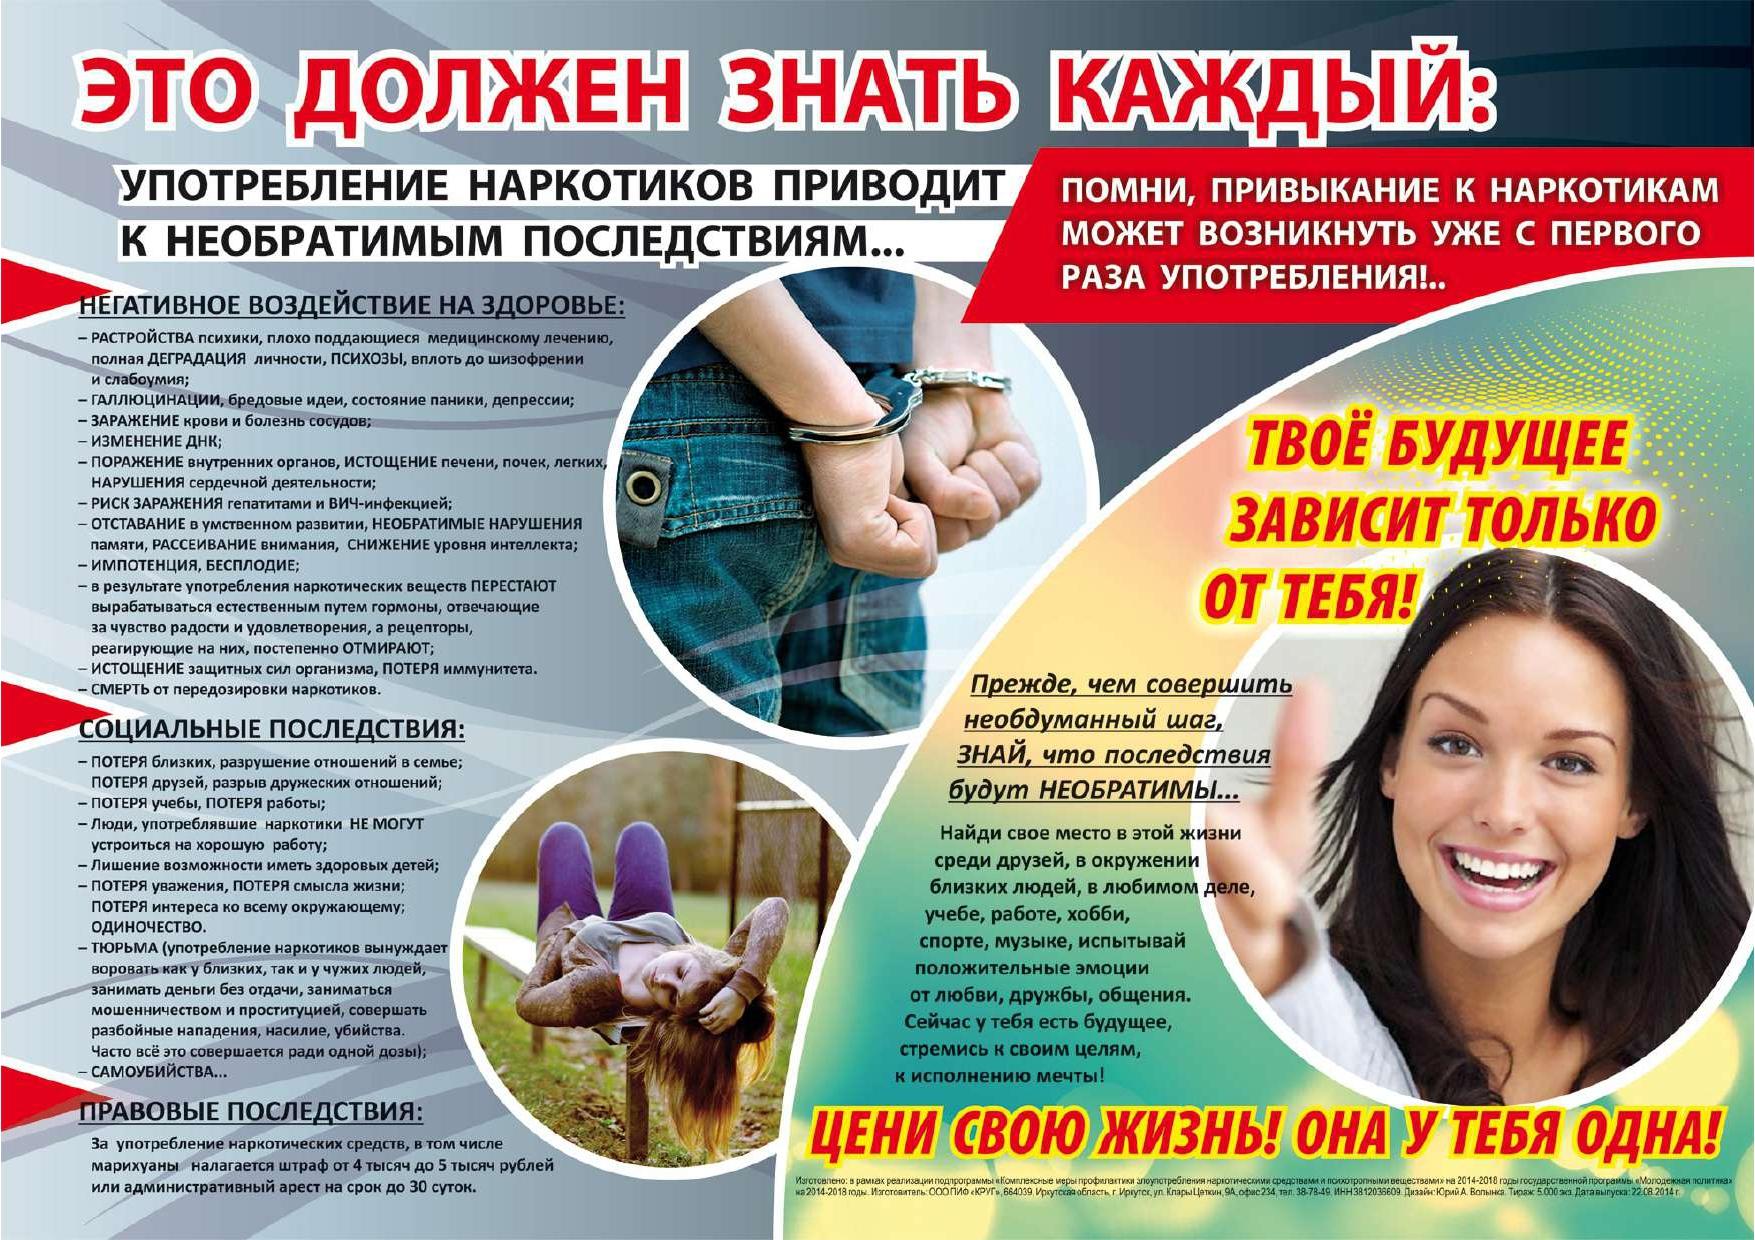 sh18052020_narkotiki001_page-0001